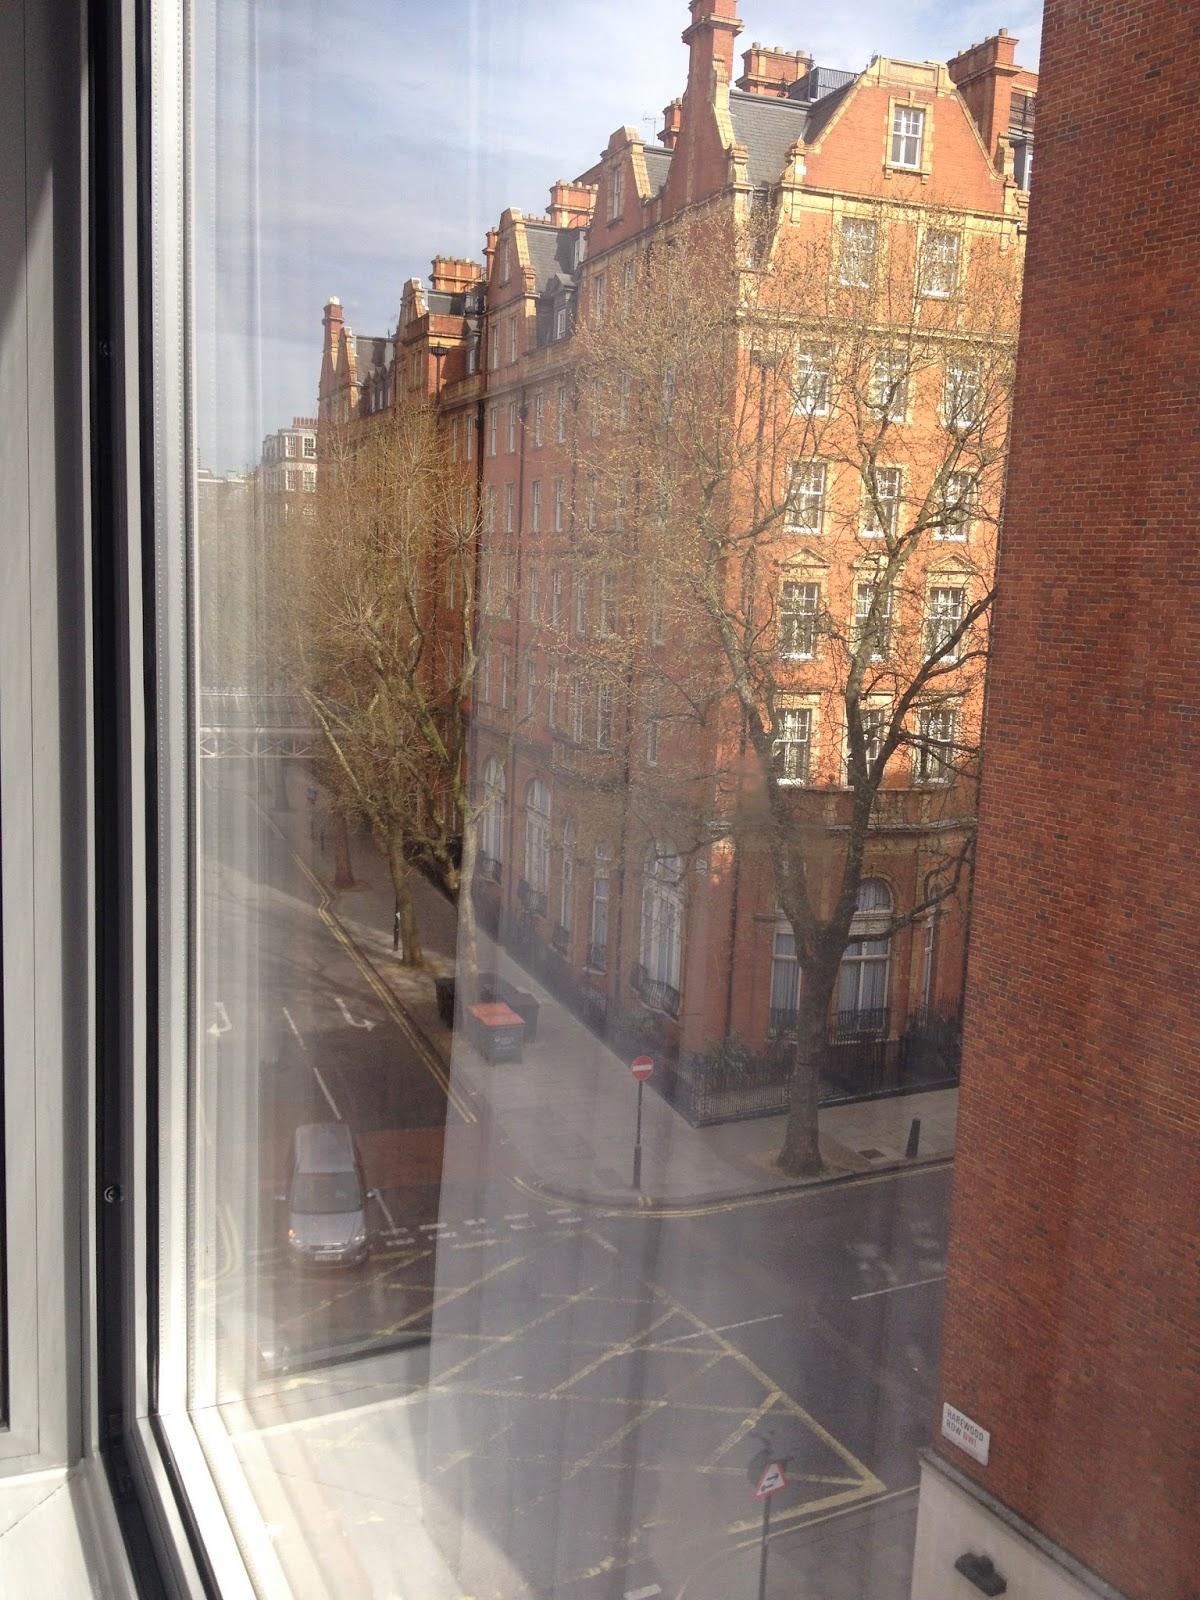 The Landmark, London